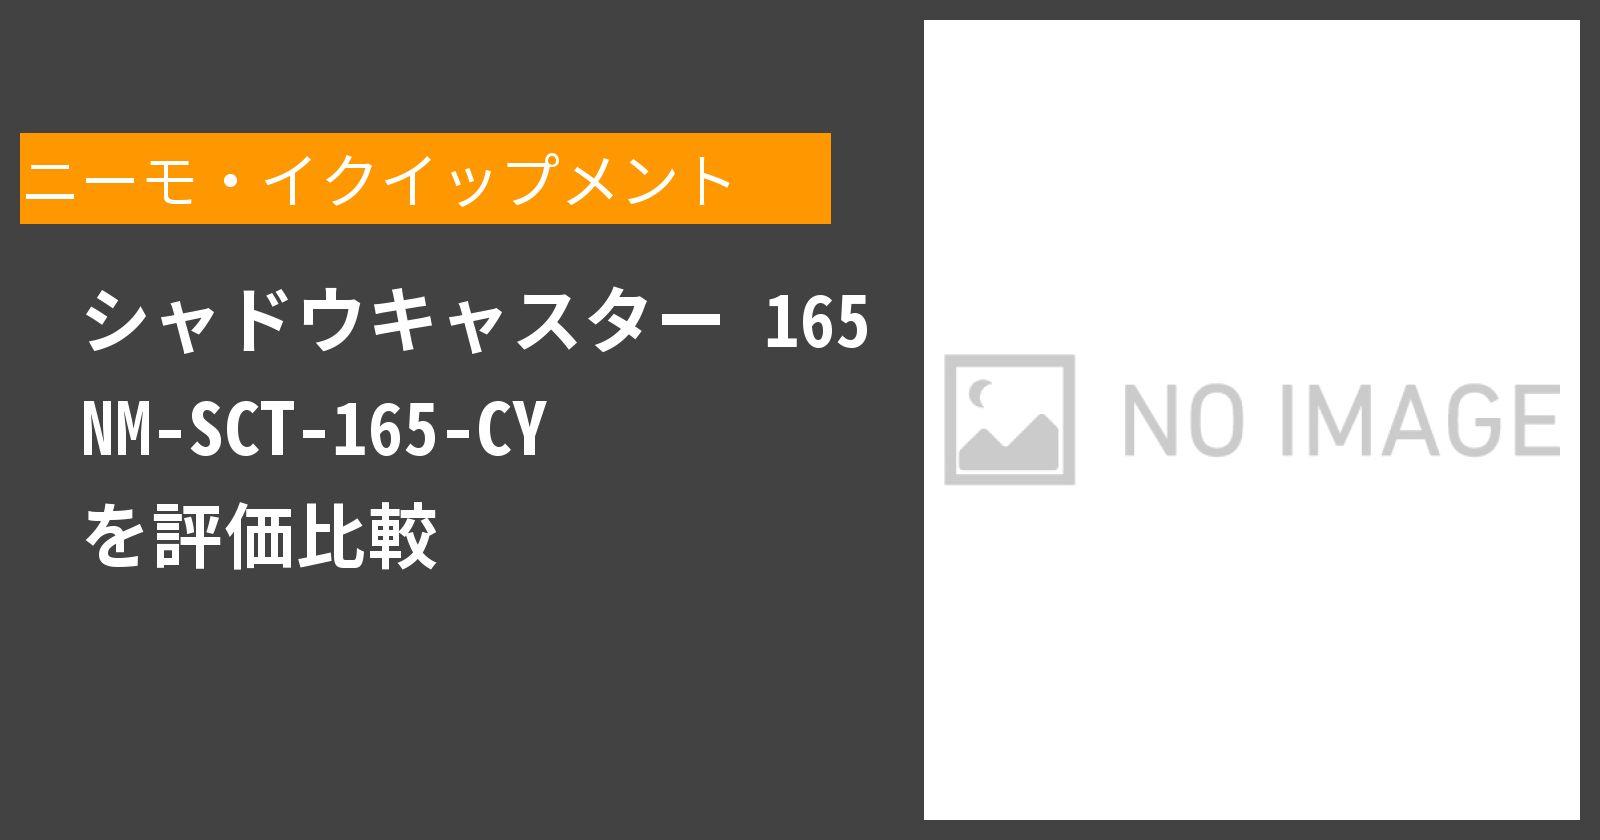 シャドウキャスター 165 NM-SCT-165-CYを徹底評価